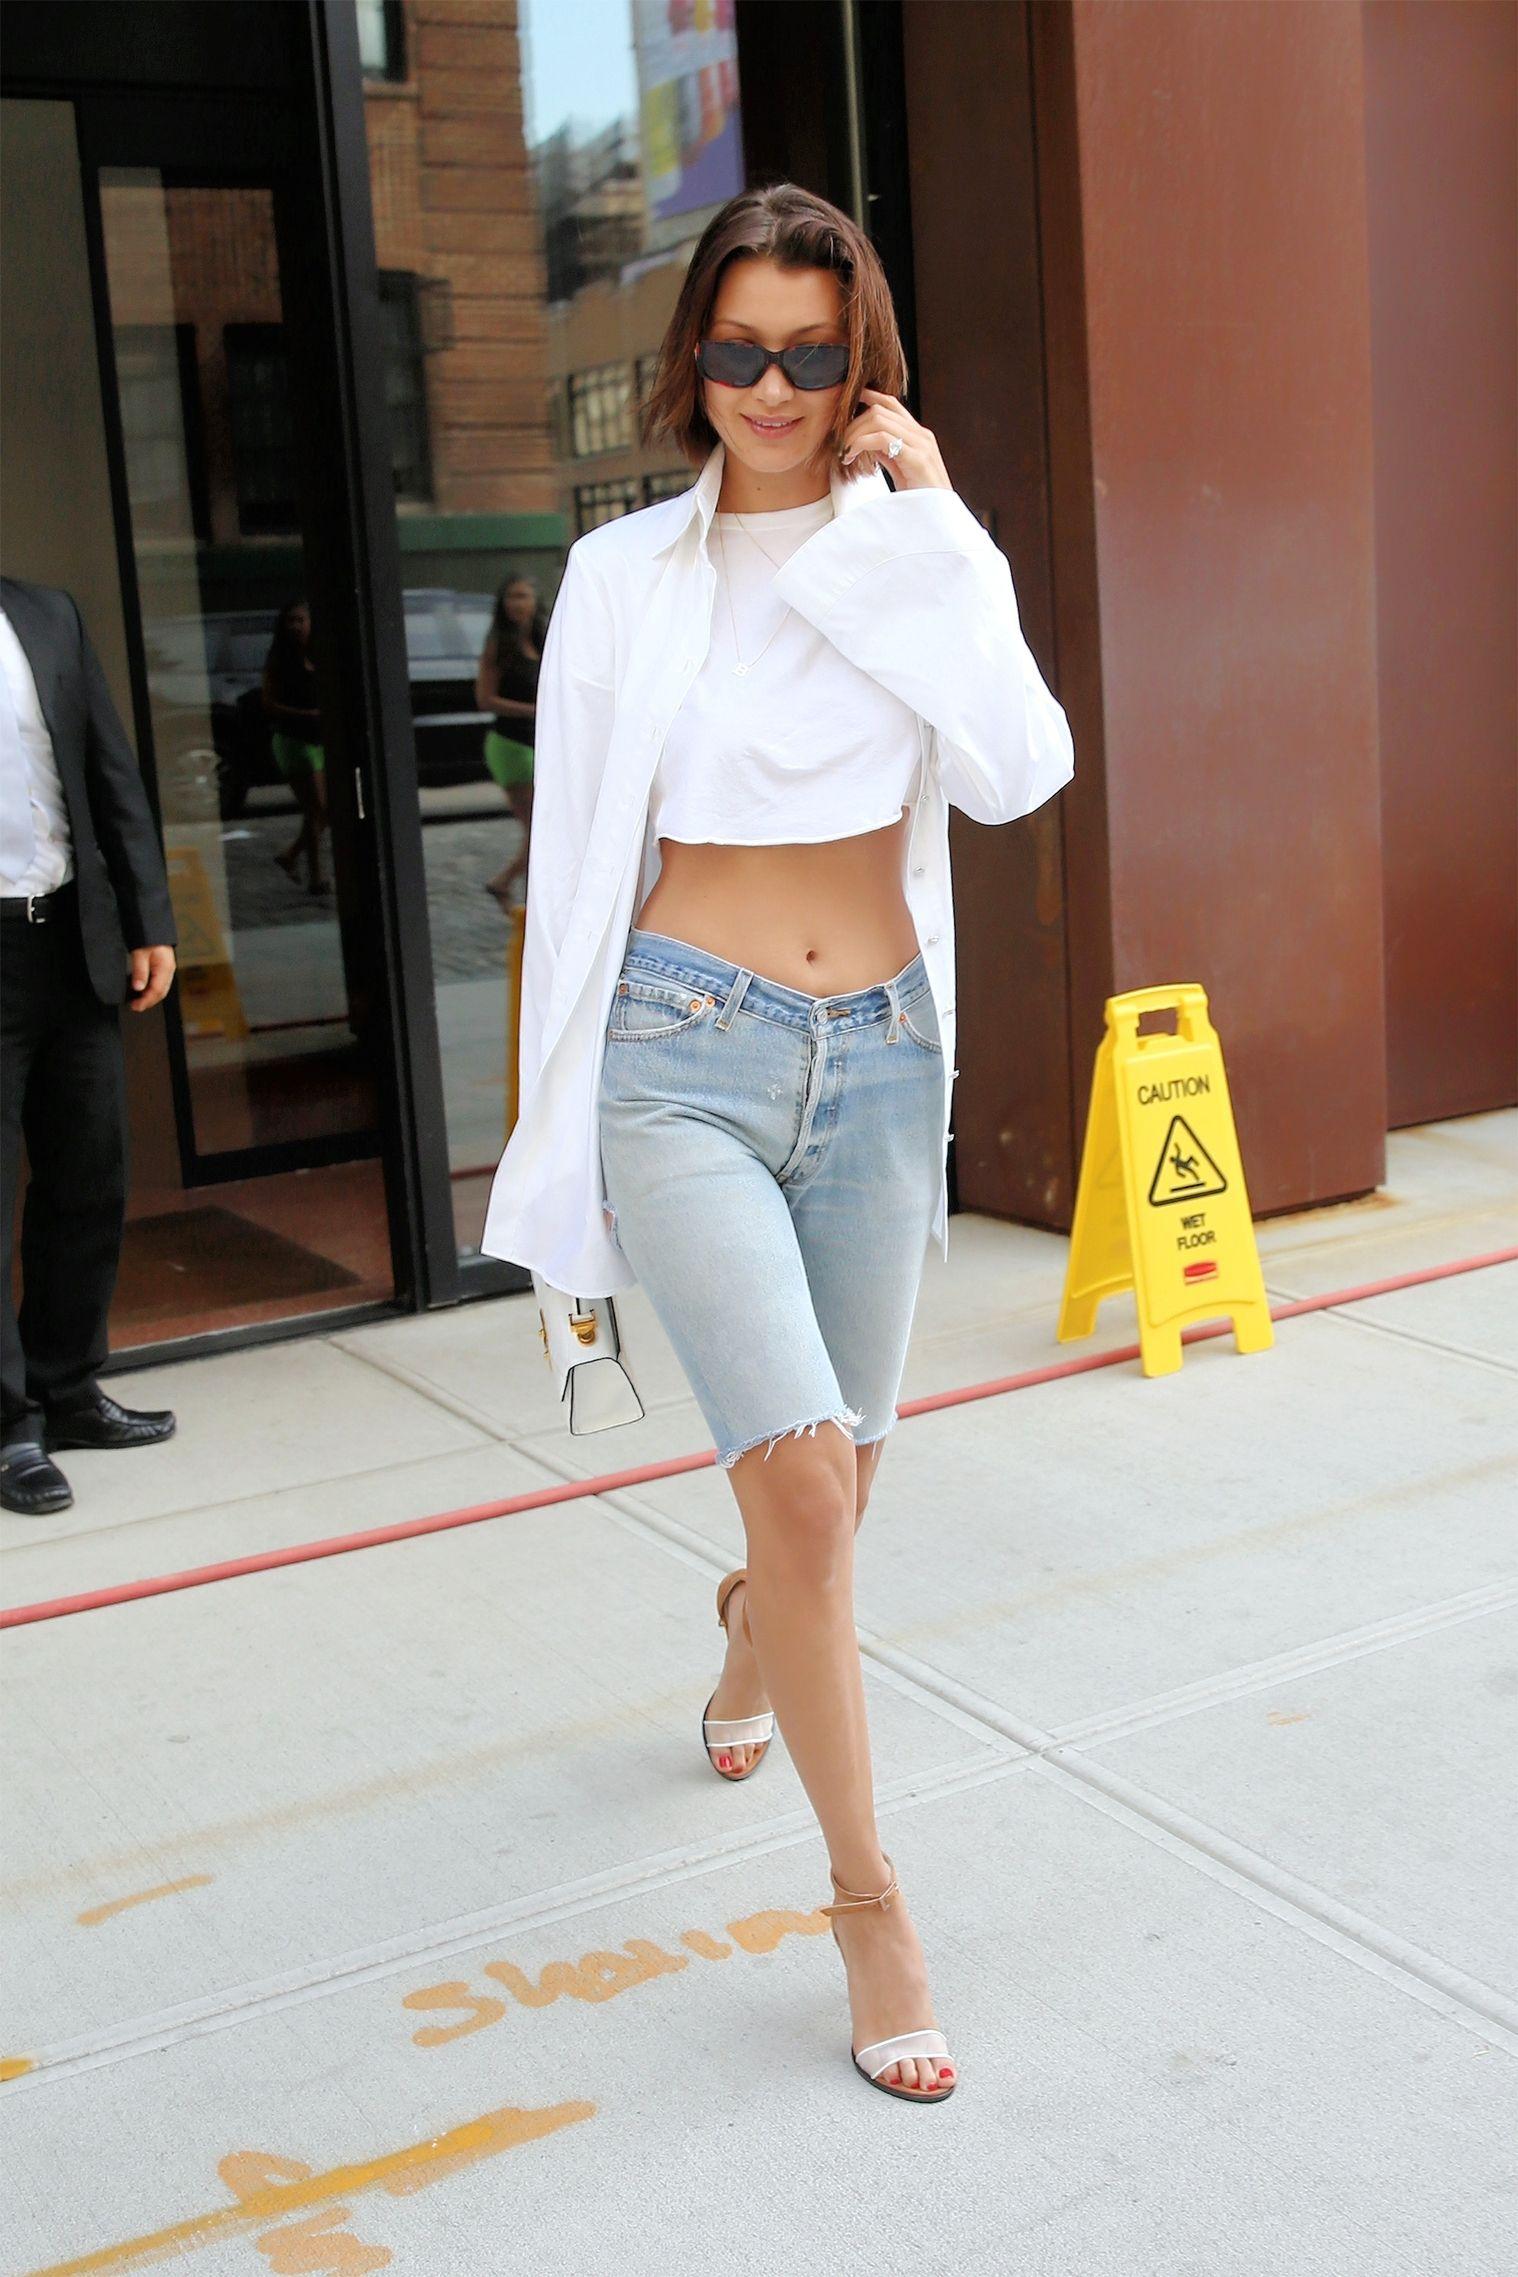 Quần jean lửng là một trong những thiết kế khá kén người mặc, nhưng với thân hình bốc lửa của mình, Bella Hadid chẳng cần lo ngại gì về việc đó.